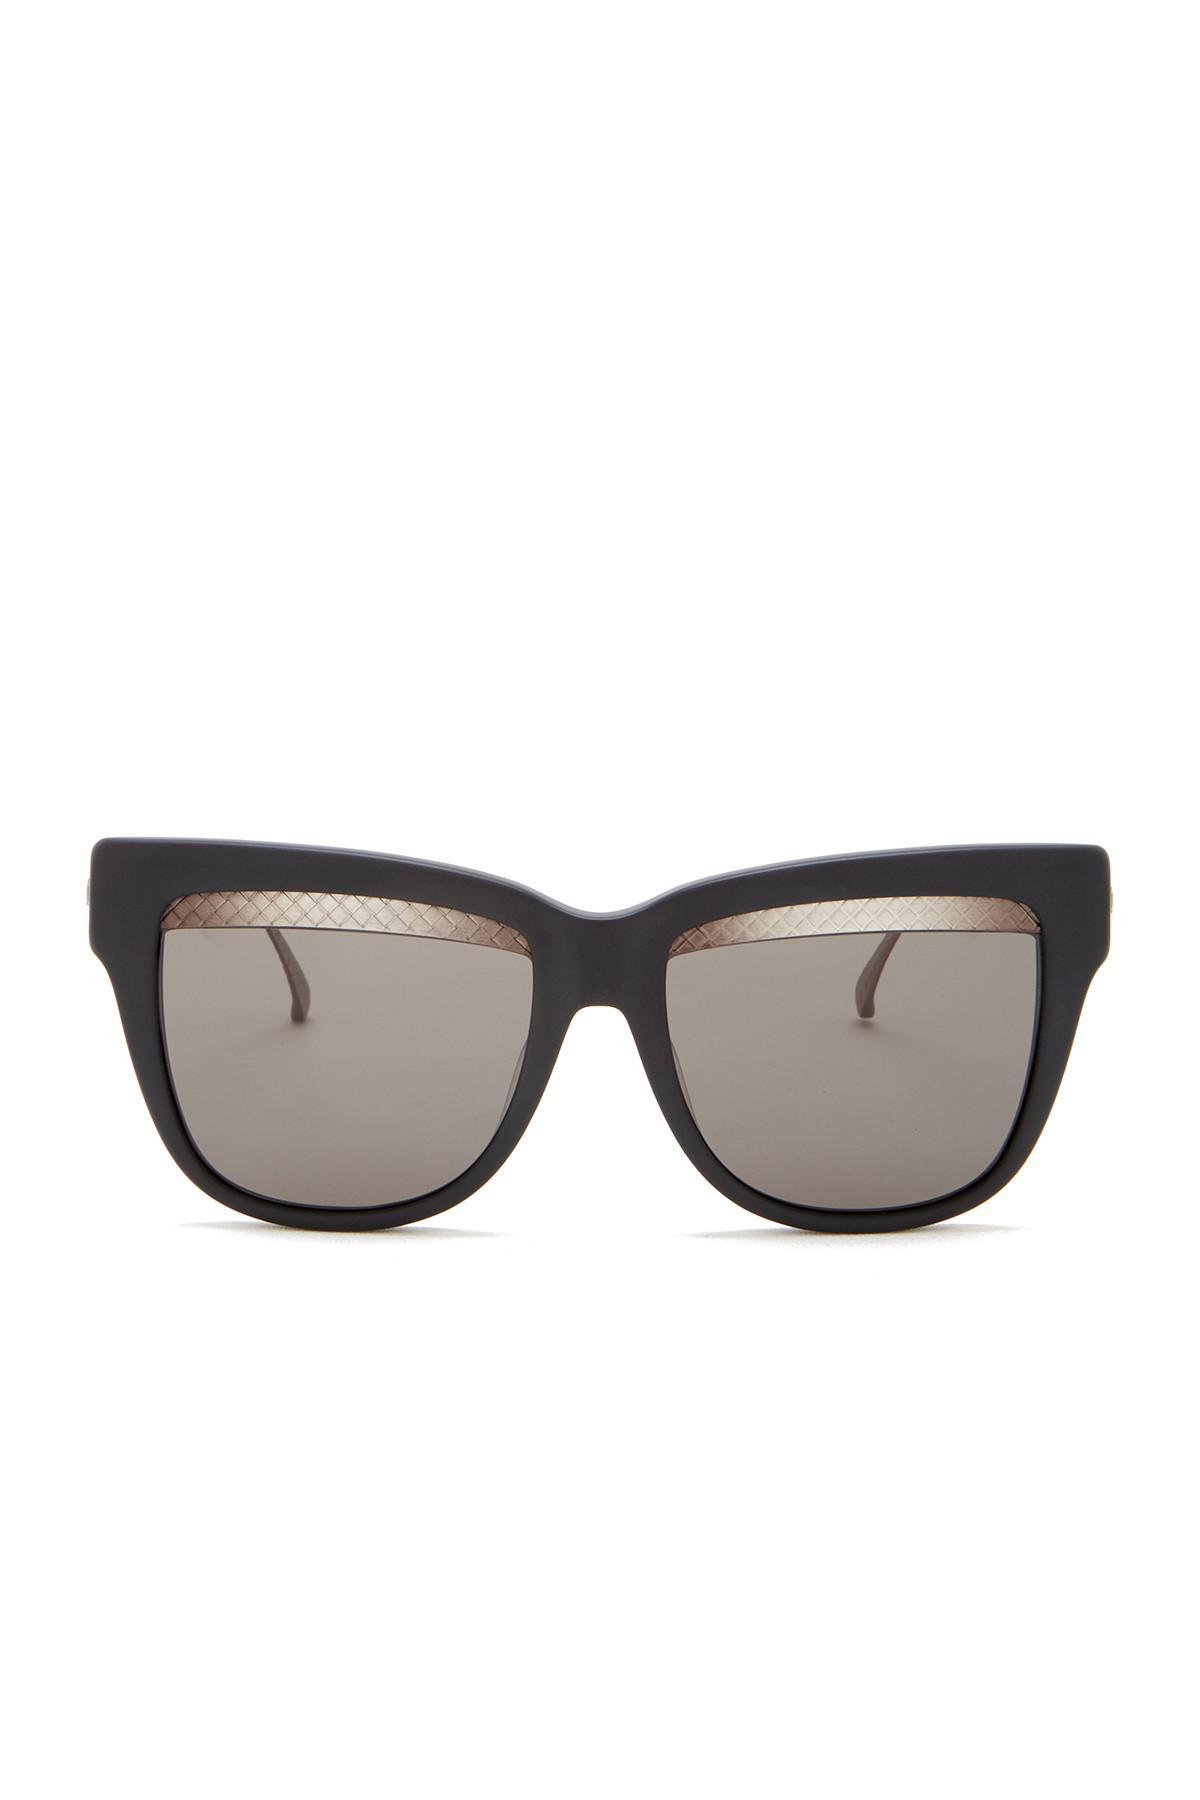 521b47de70 Bottega Veneta - Multicolor 53mm Cat Eye Sunglasses - Lyst. View fullscreen